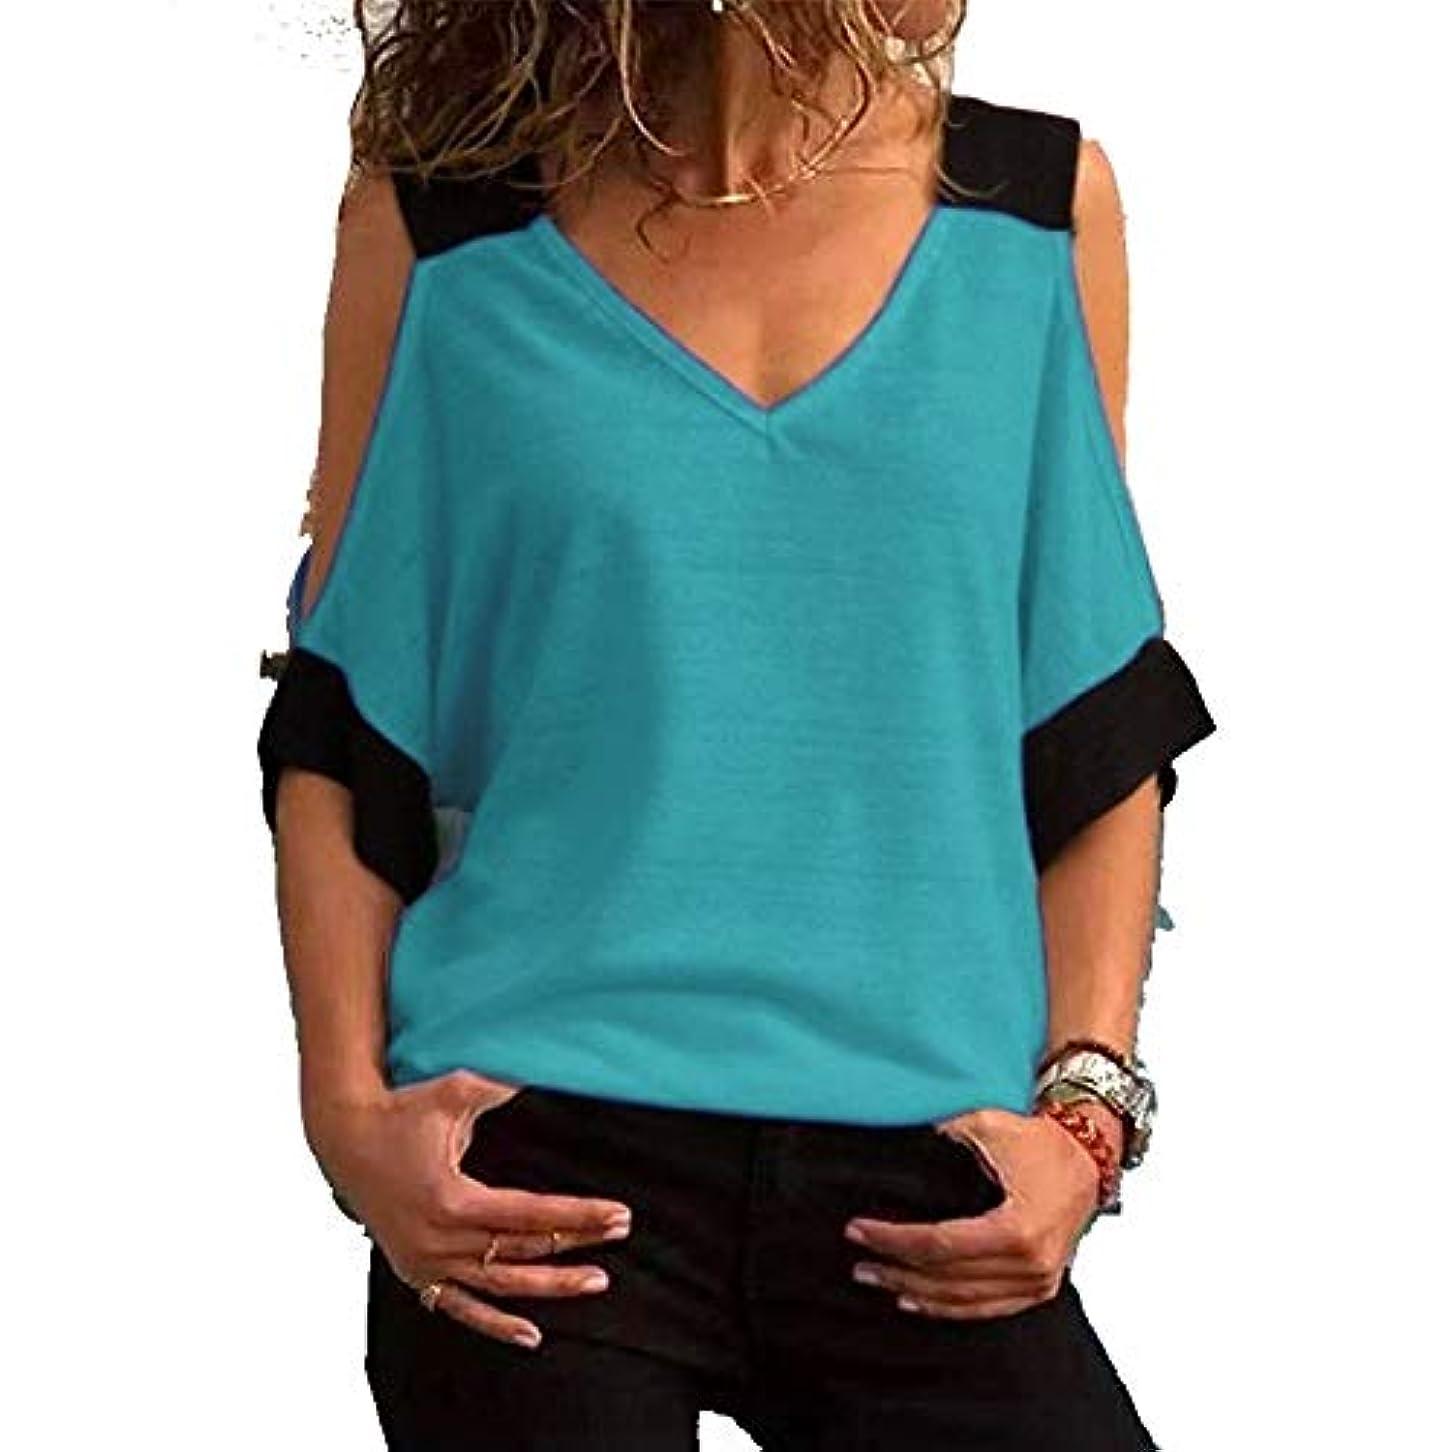 札入れ捨てる札入れMIFAN女性ファッションカジュアルトップス女性ショルダーブラウスコットンTシャツディープVネック半袖